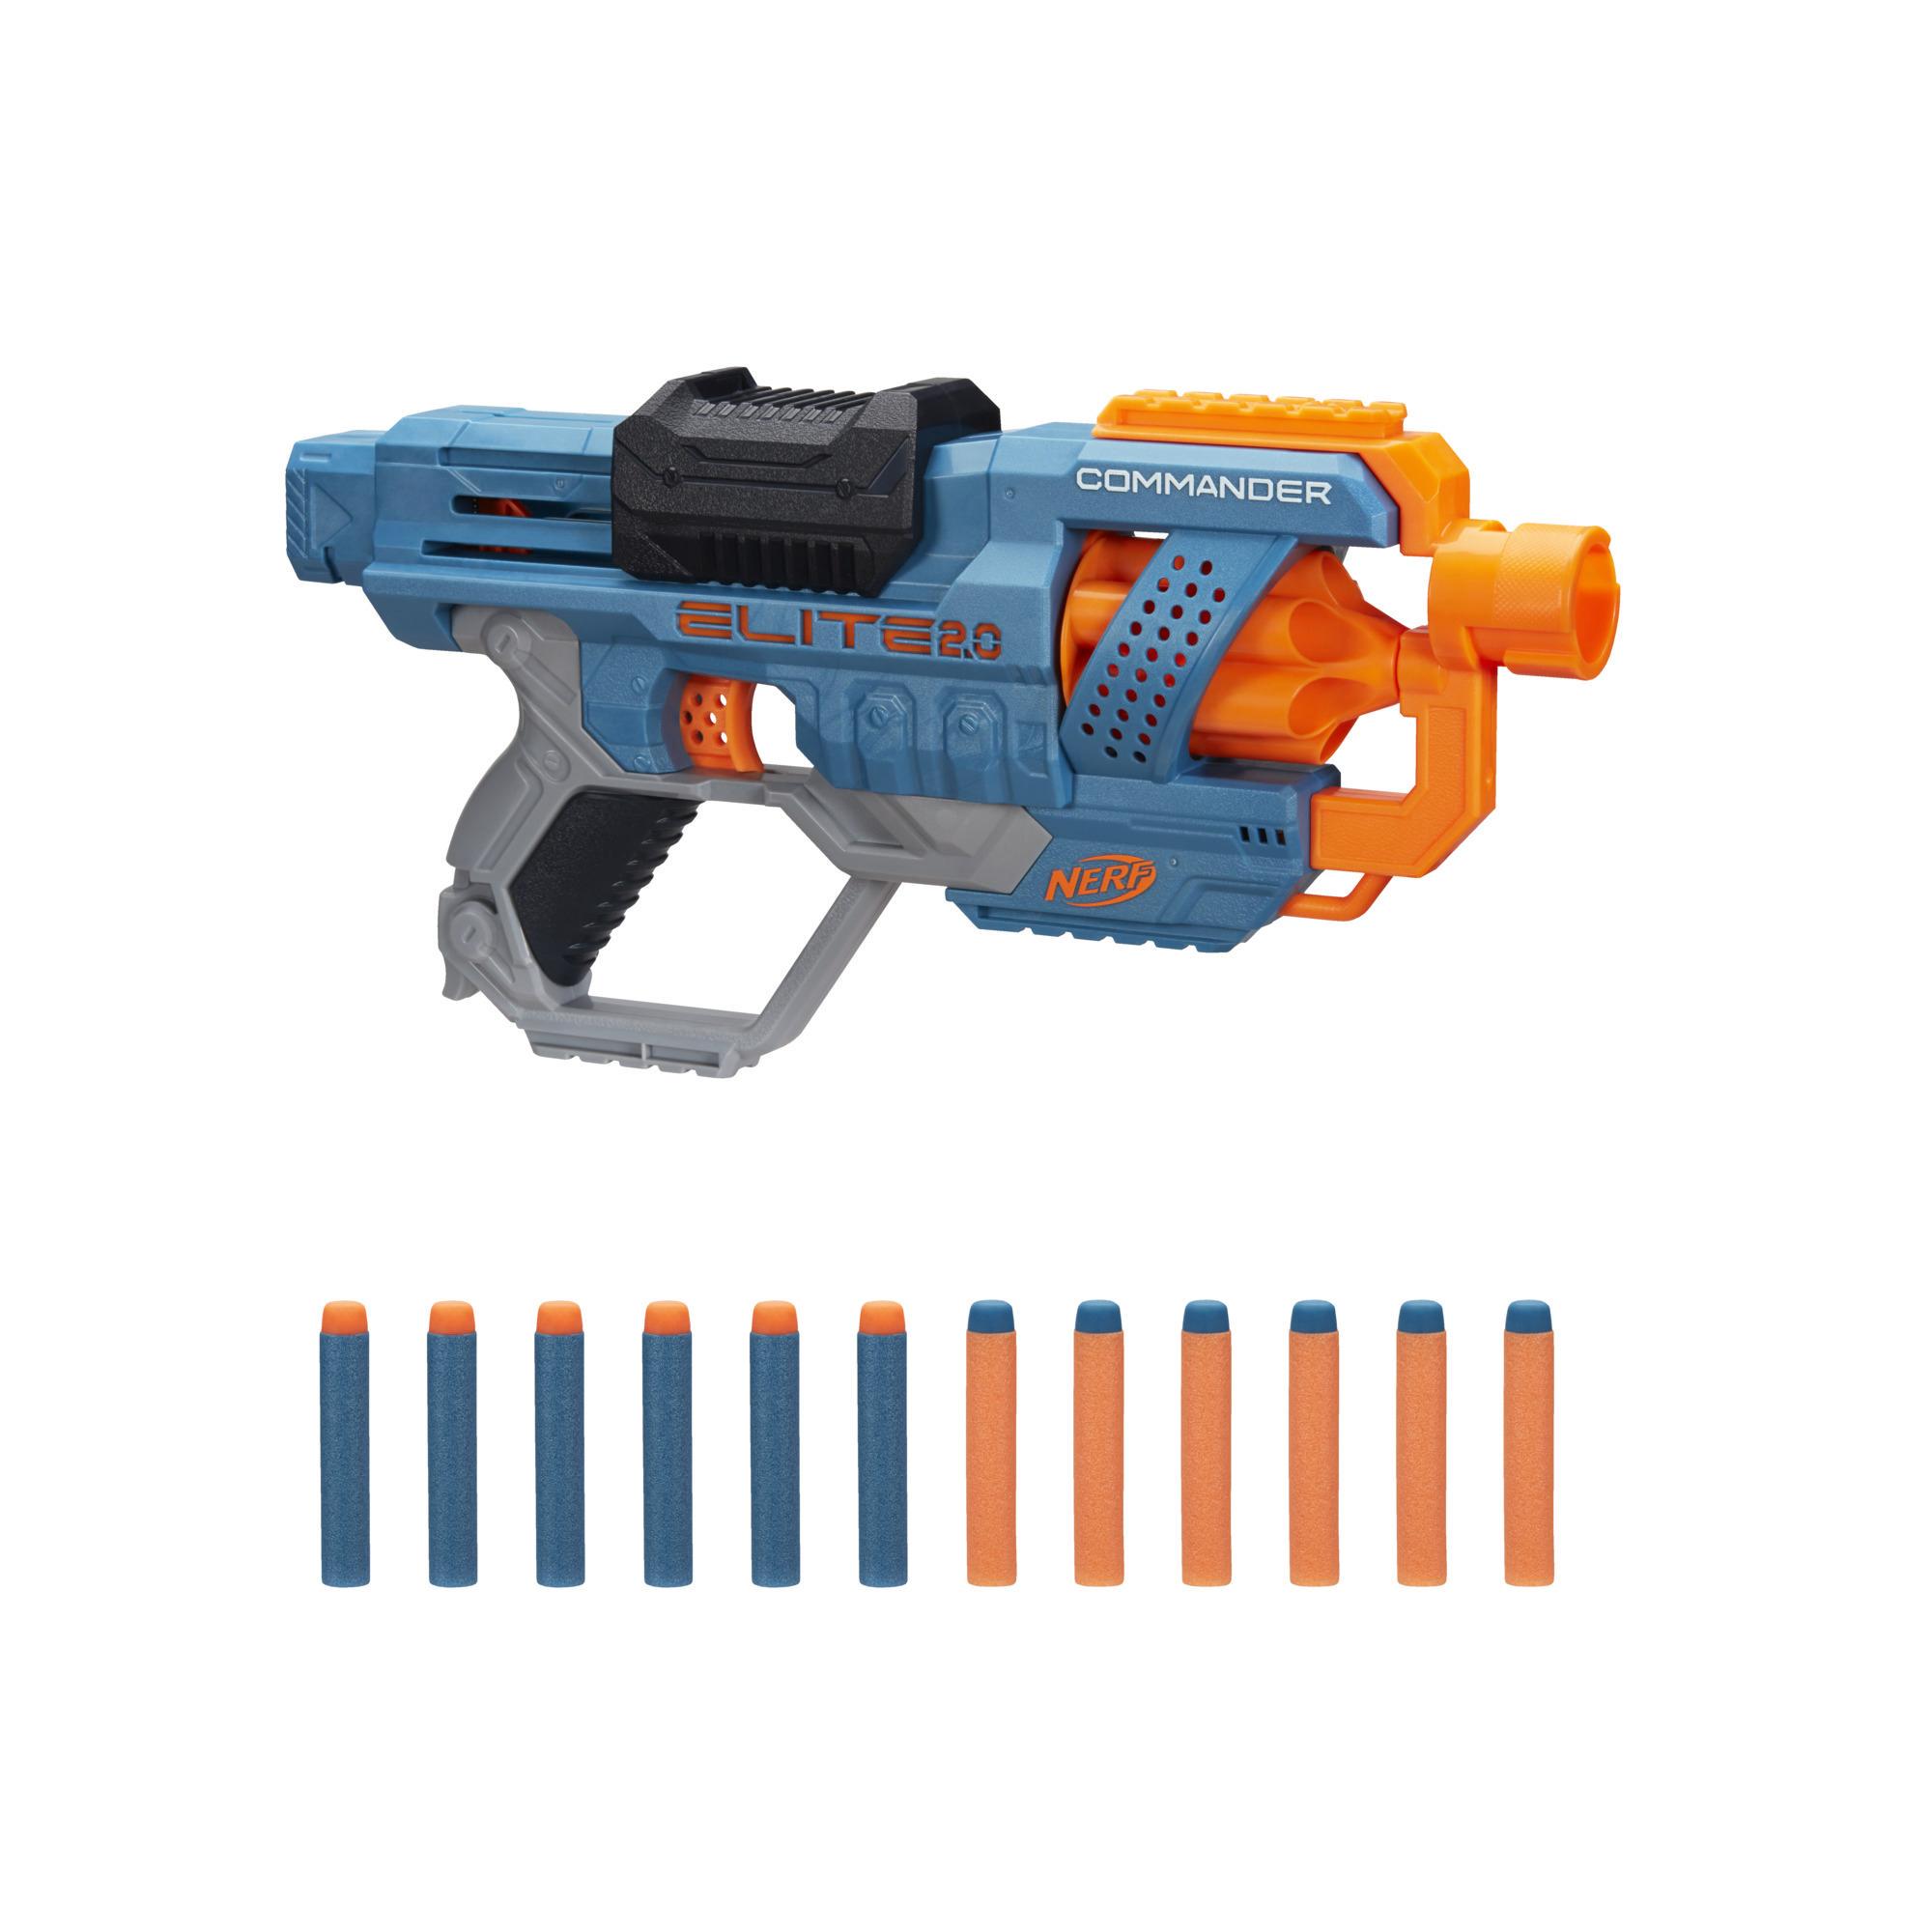 Nerf Elite 2.0 Commander RD-6 Blaster, 12 virallista Nerf-nuolta, 6 nuolen pyörivä rumpu, sisäänrakennetut muokkausominaisuudet